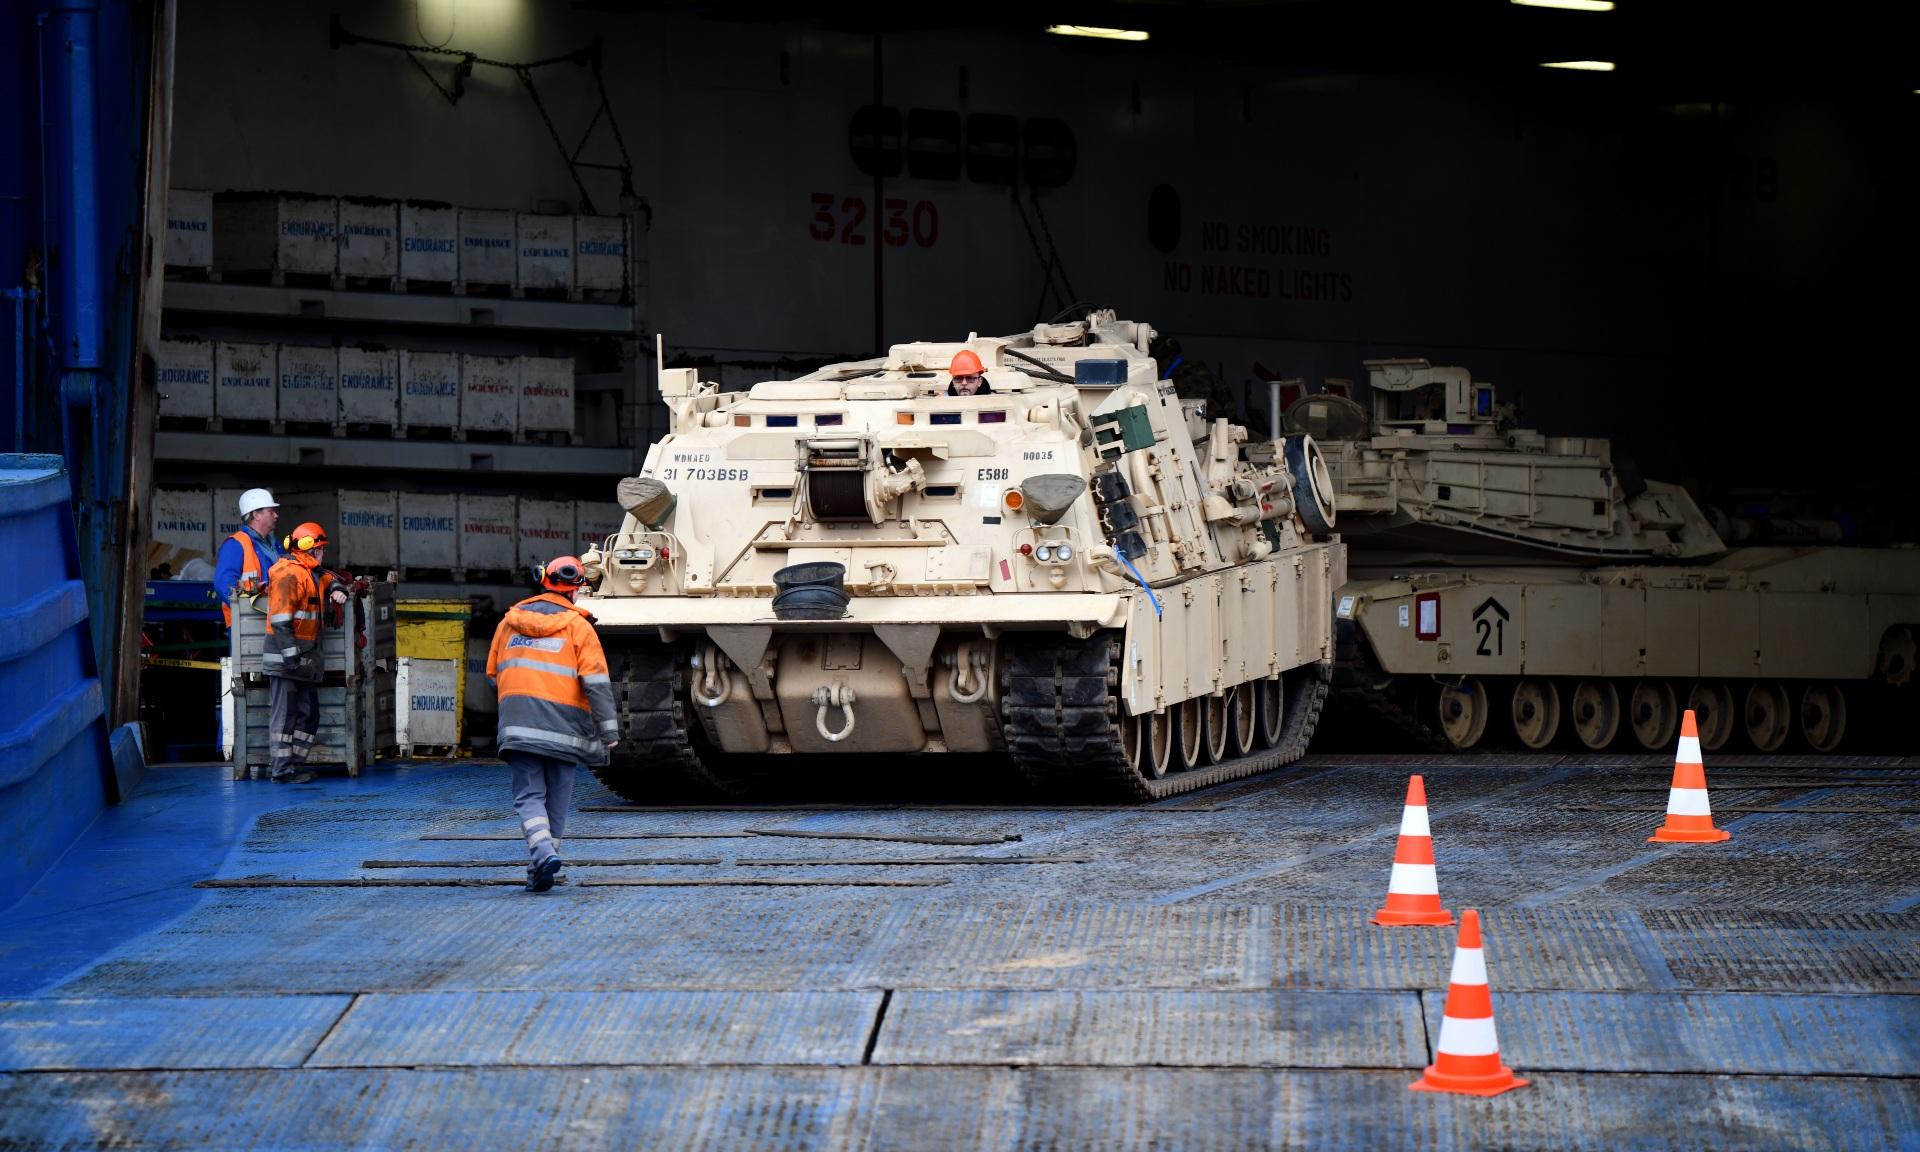 Thiết giáp Mỹ tham gia đợt diễn tập Defender Europe 2020 được chuyển đến cảng Bremerhaven, Đức vào tháng 2/2020. Ảnh: Quân đội Mỹ.